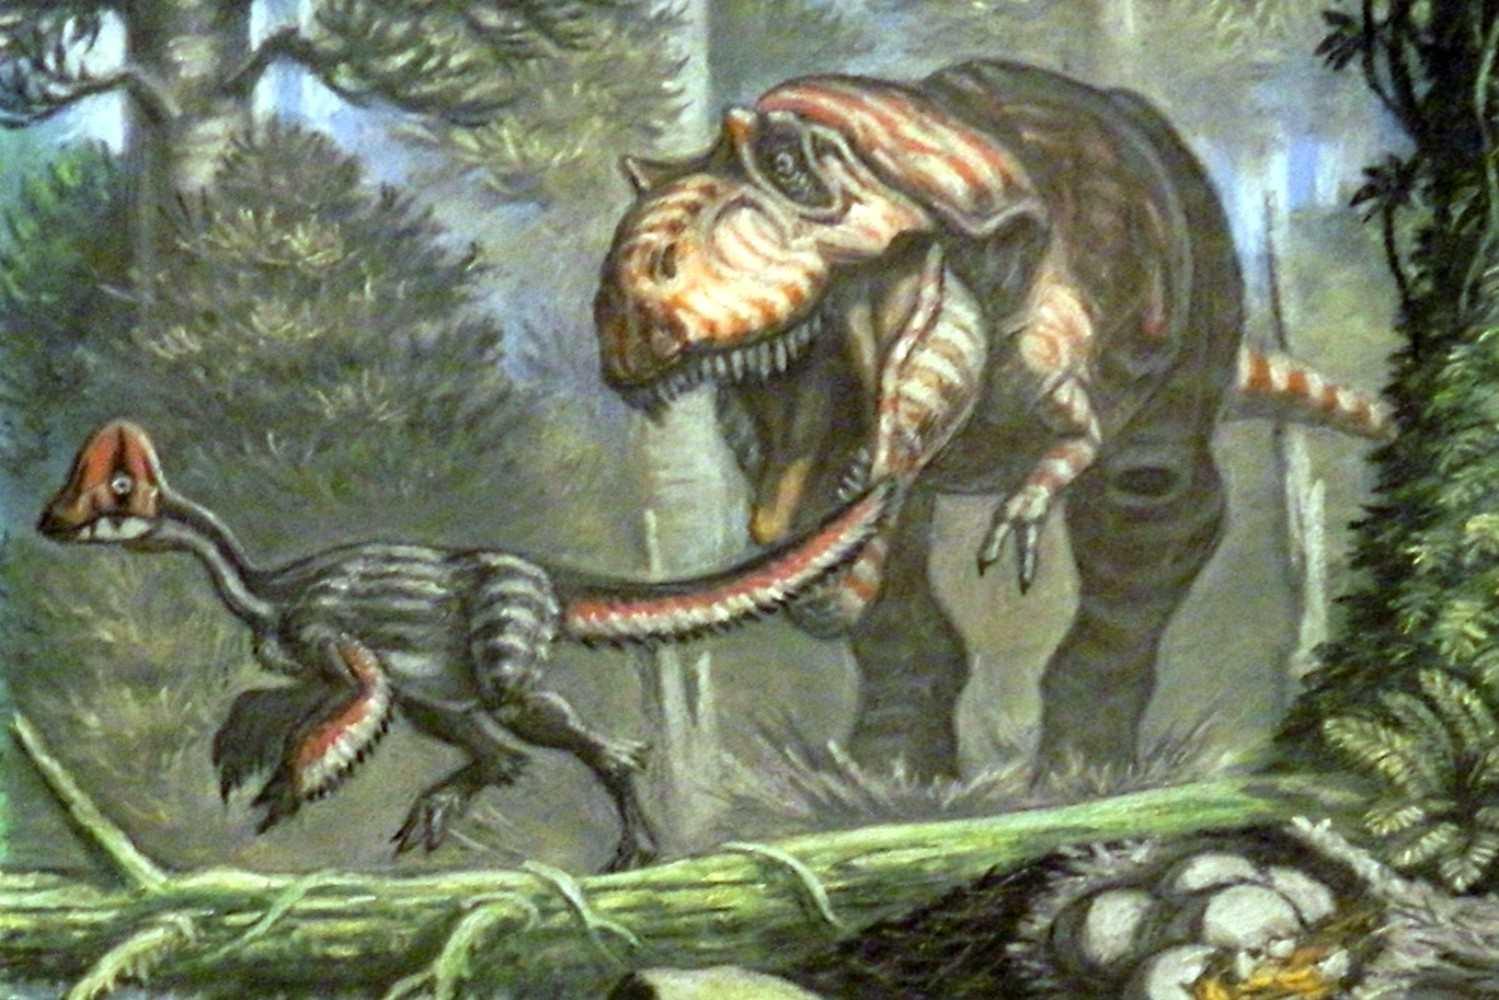 Albertosaurus hunting chirostenotes